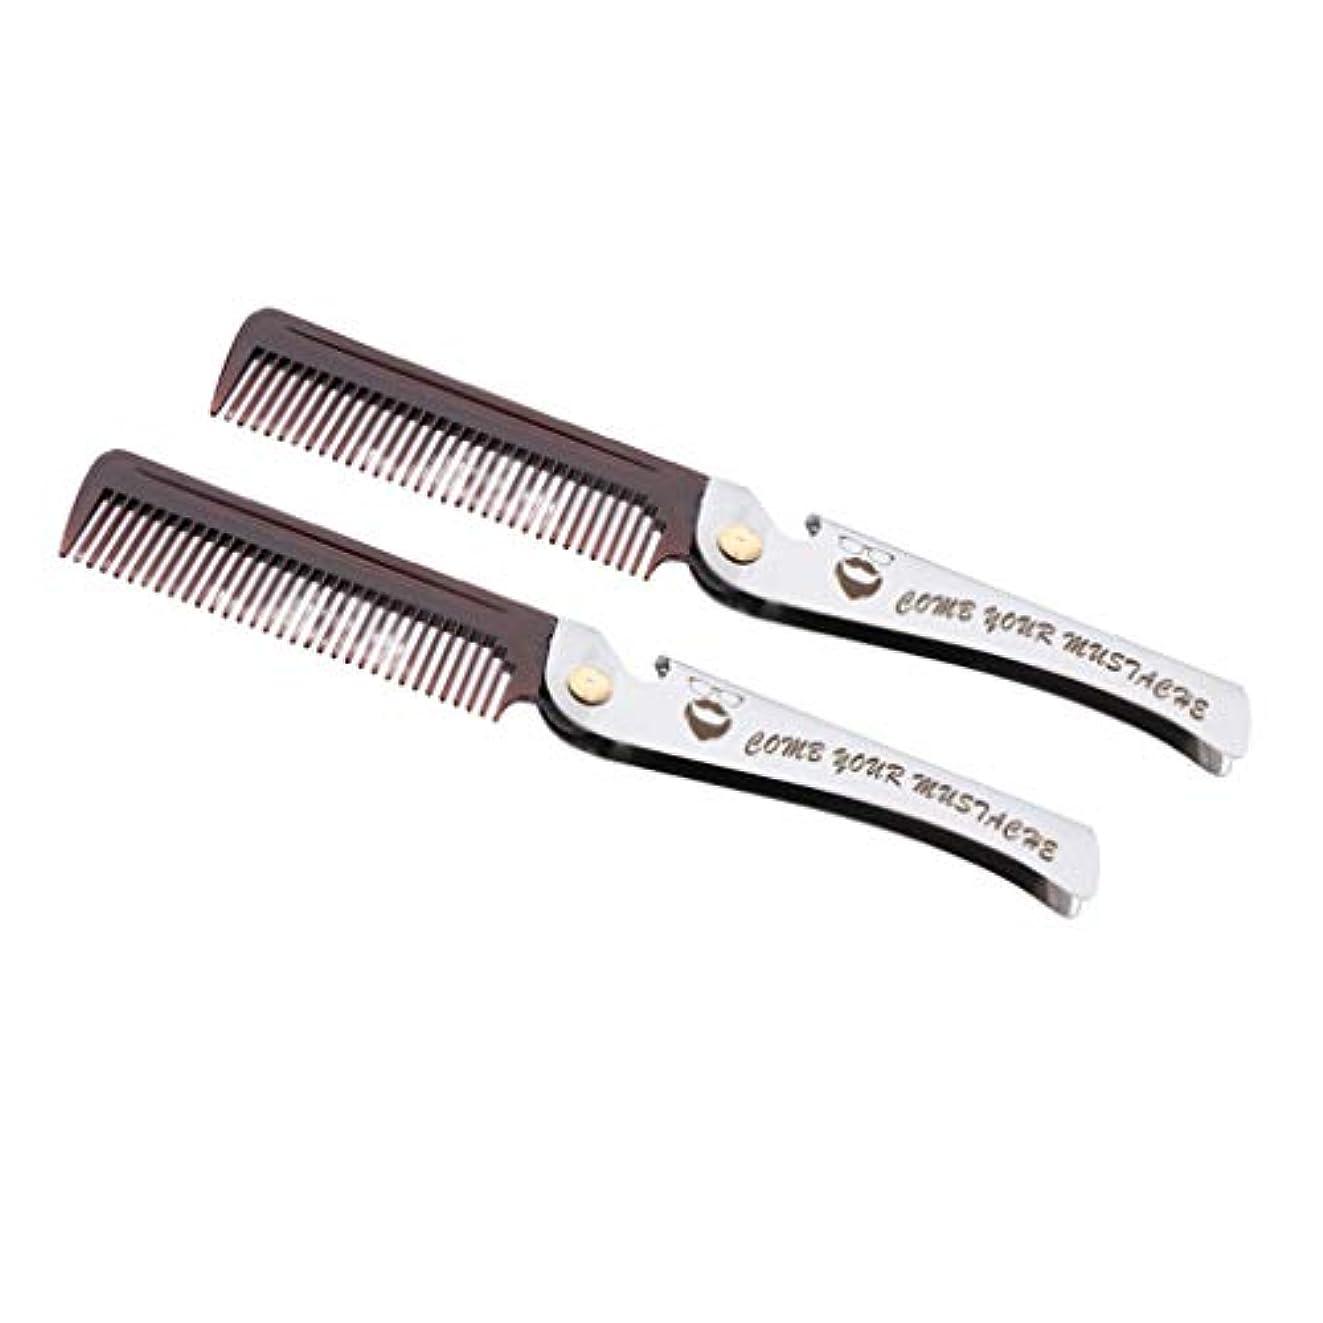 コミットメント敵対的条件付きヘアコーム 折りたたみ ヘアブラシ 携帯 軽量 櫛 コーム 細い歯 プラスチック静電気防止